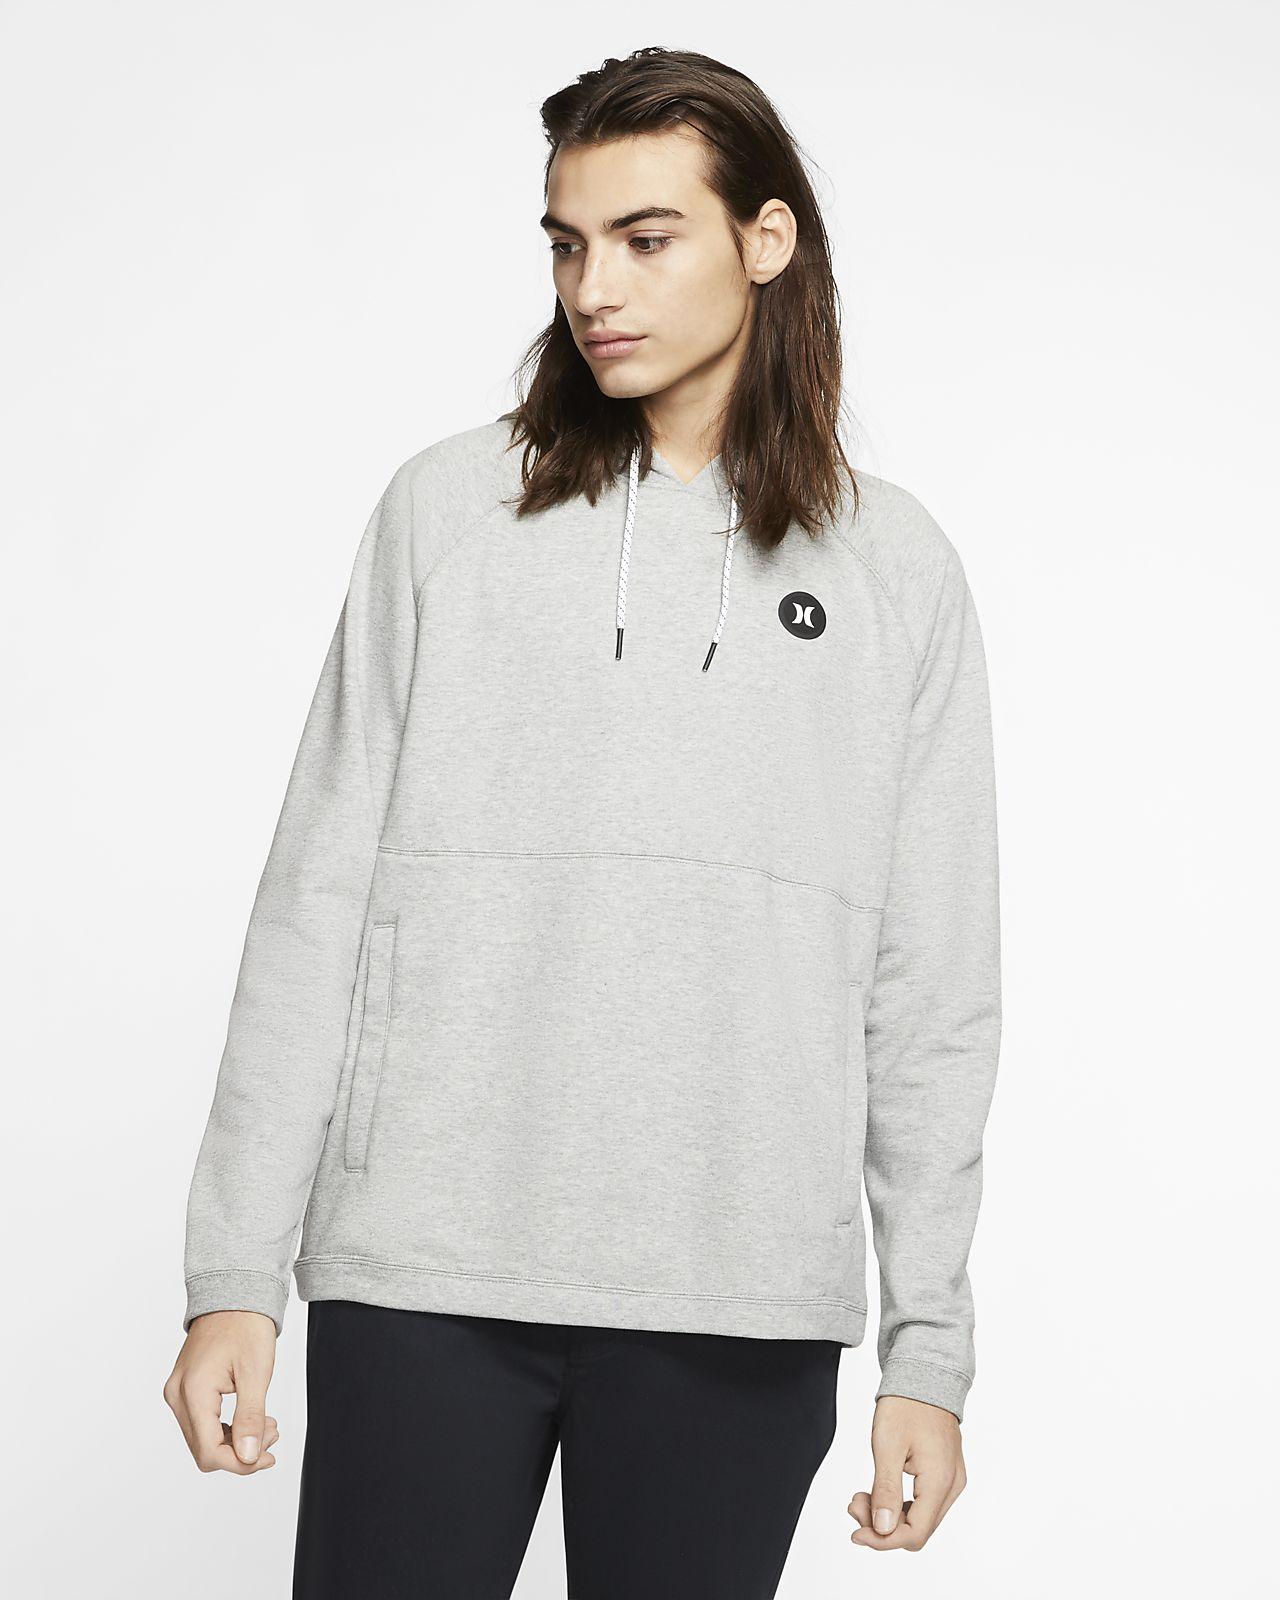 Hurley Dri-FIT Universal Boys' Fleece Sweatshirt